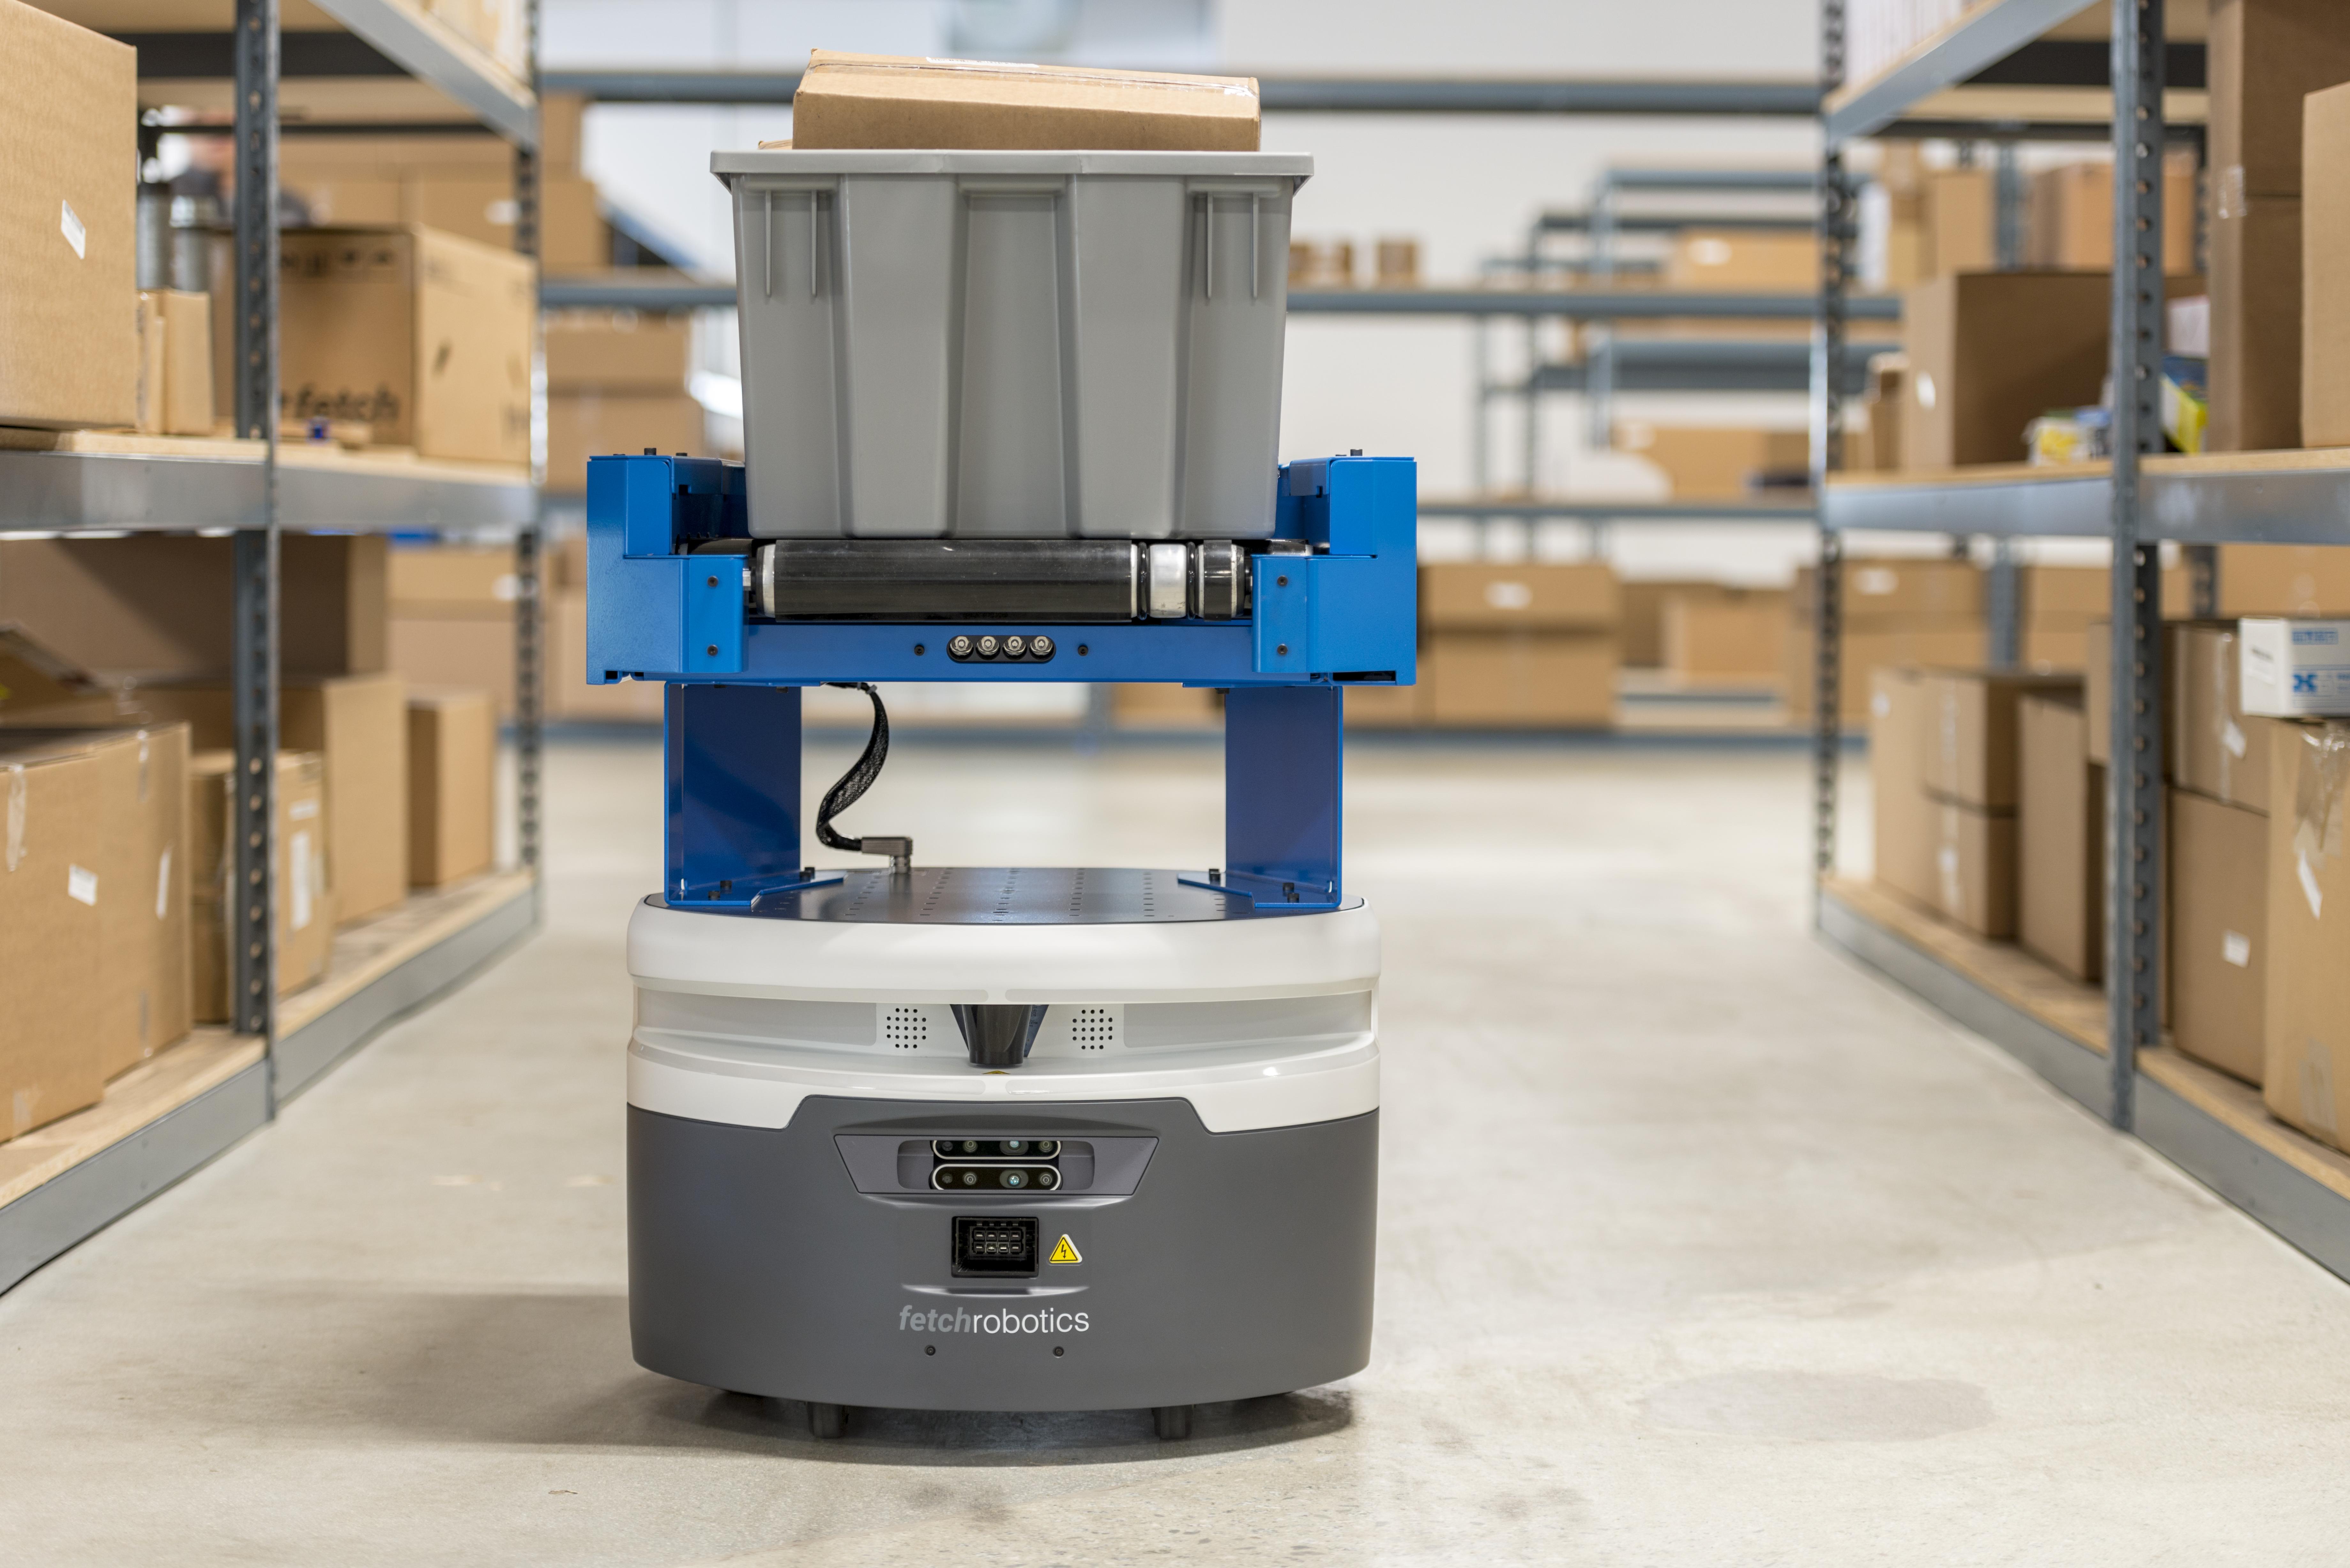 What are Autonomous Mobile Robots (AMRs)?